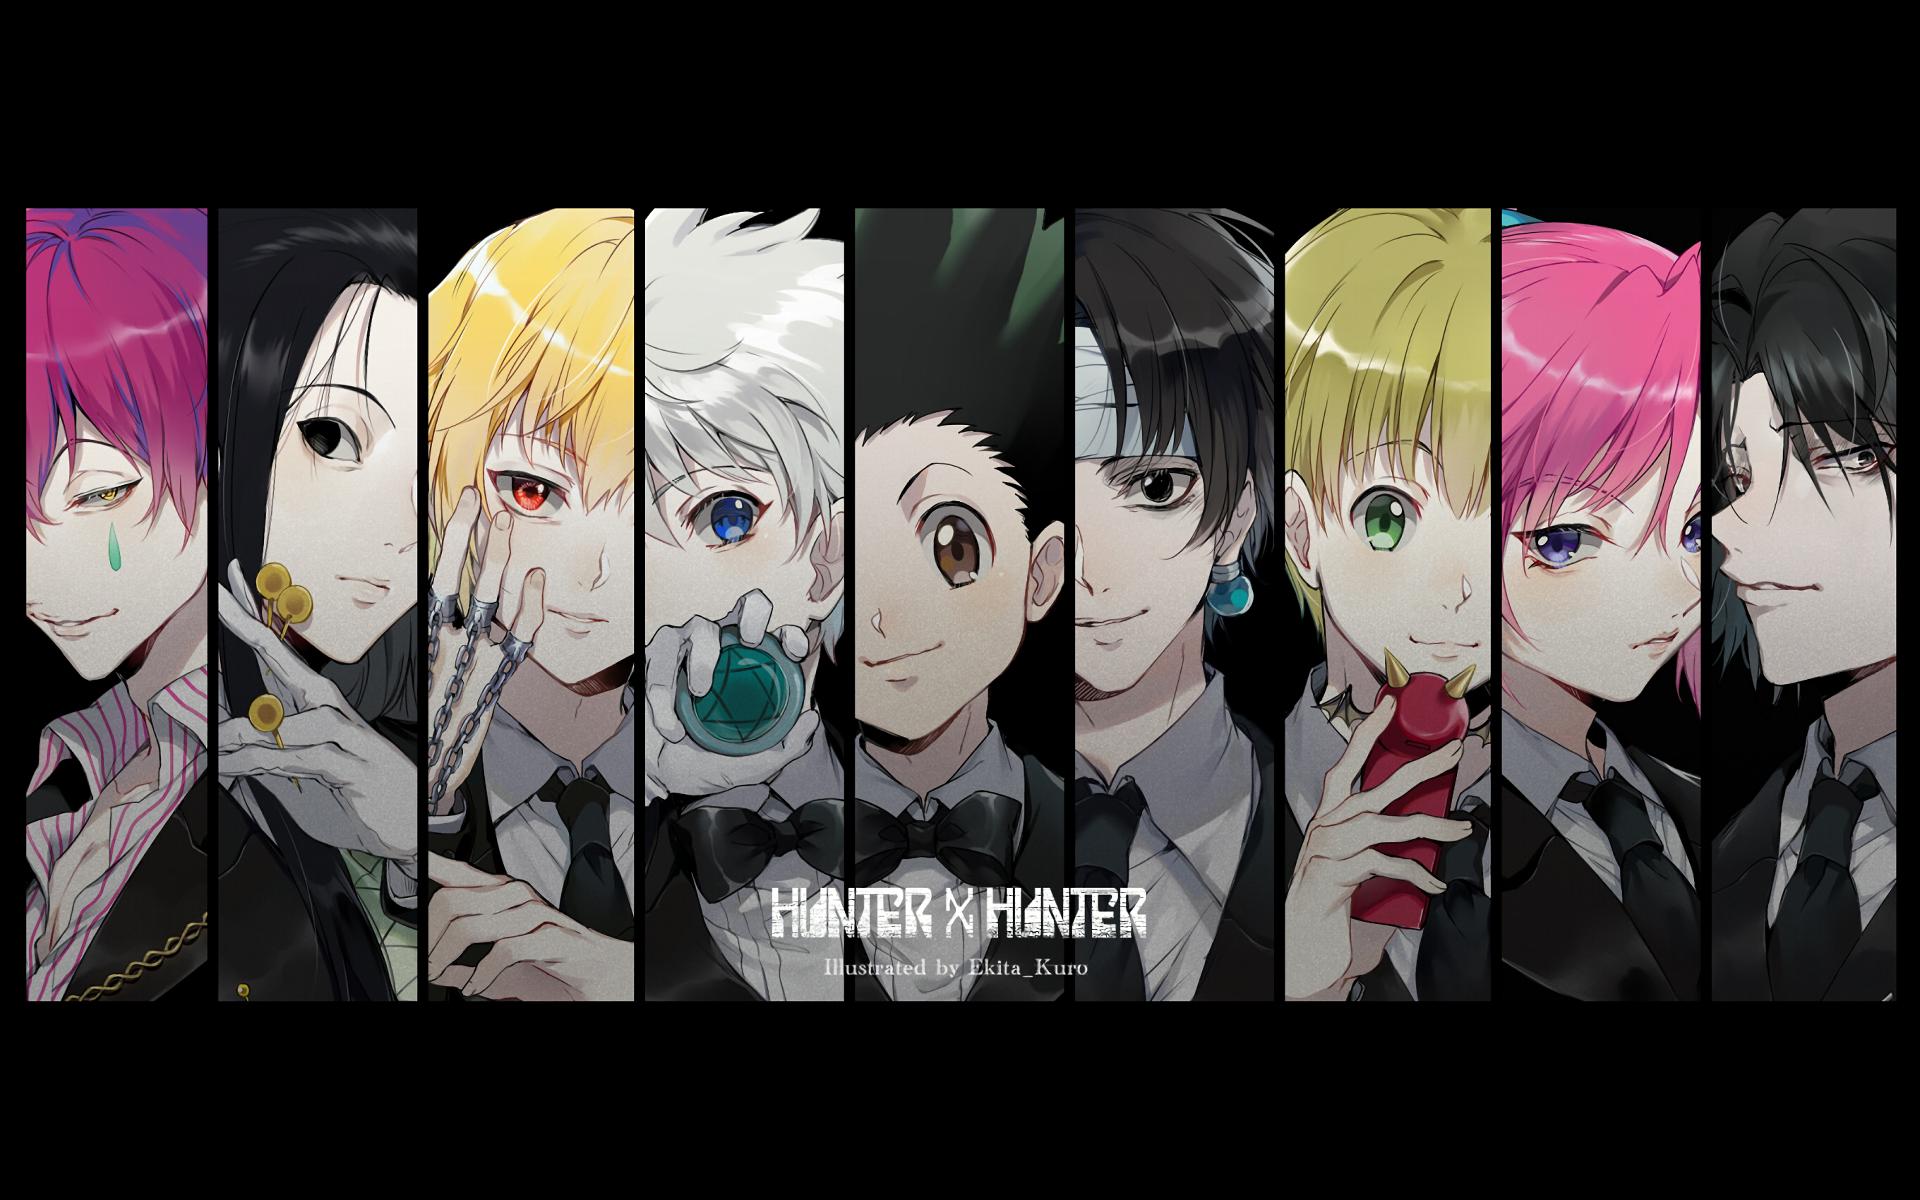 Wallpaper Hunter X Hunter Anime Gon Freecss Hisoka Chrollo